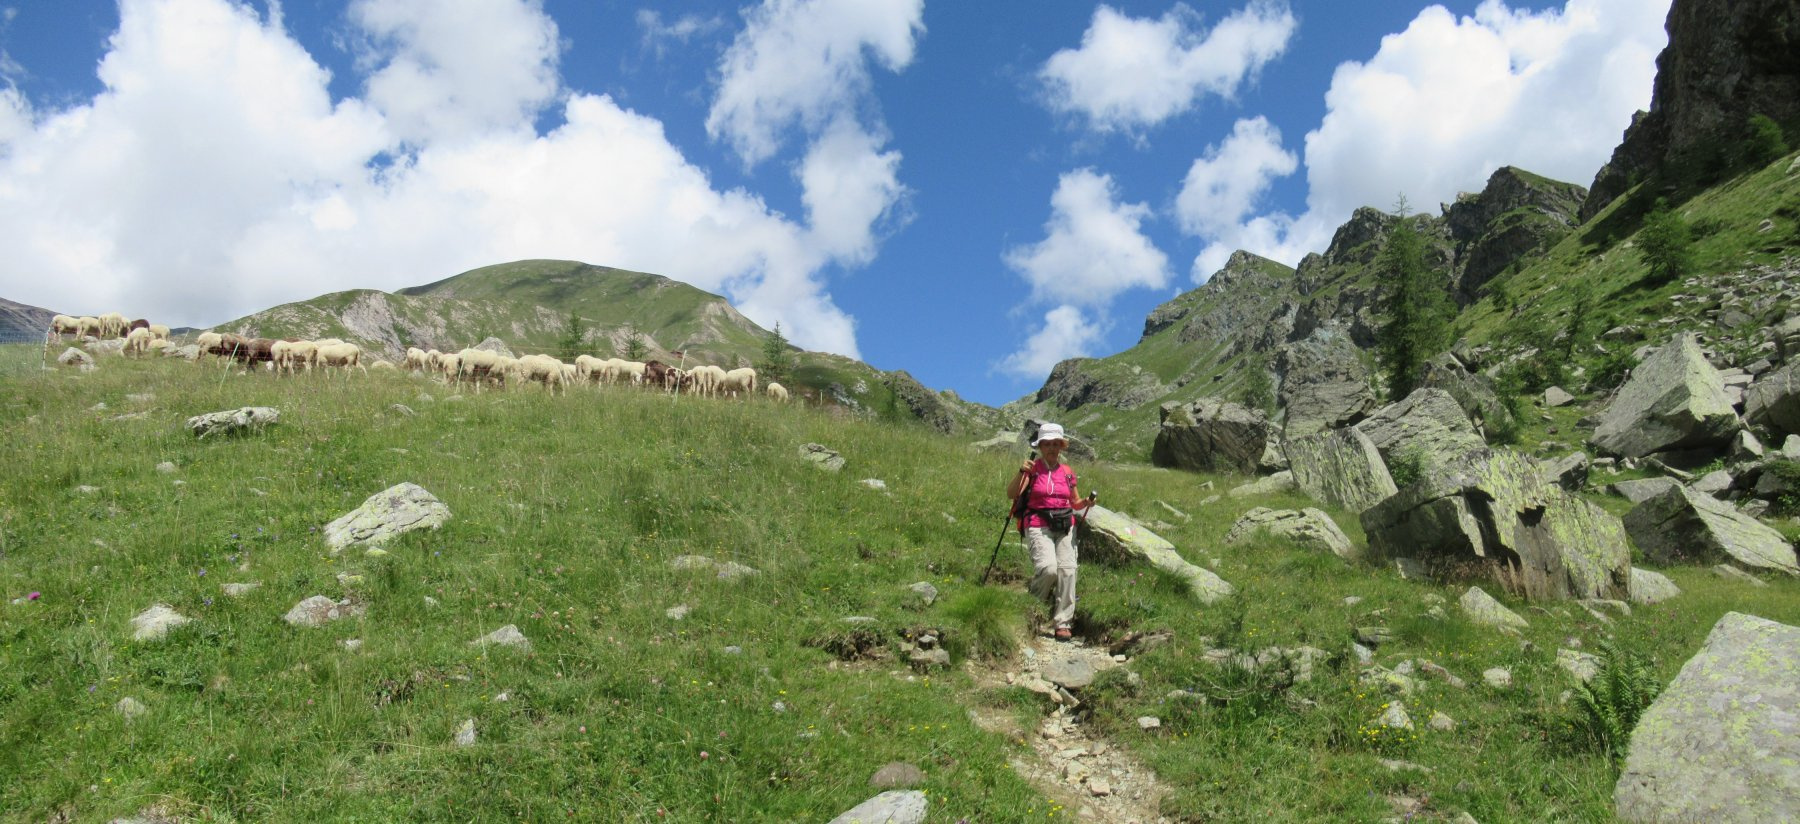 Sopra il rifugio nei pressi dell'alpe La Reale